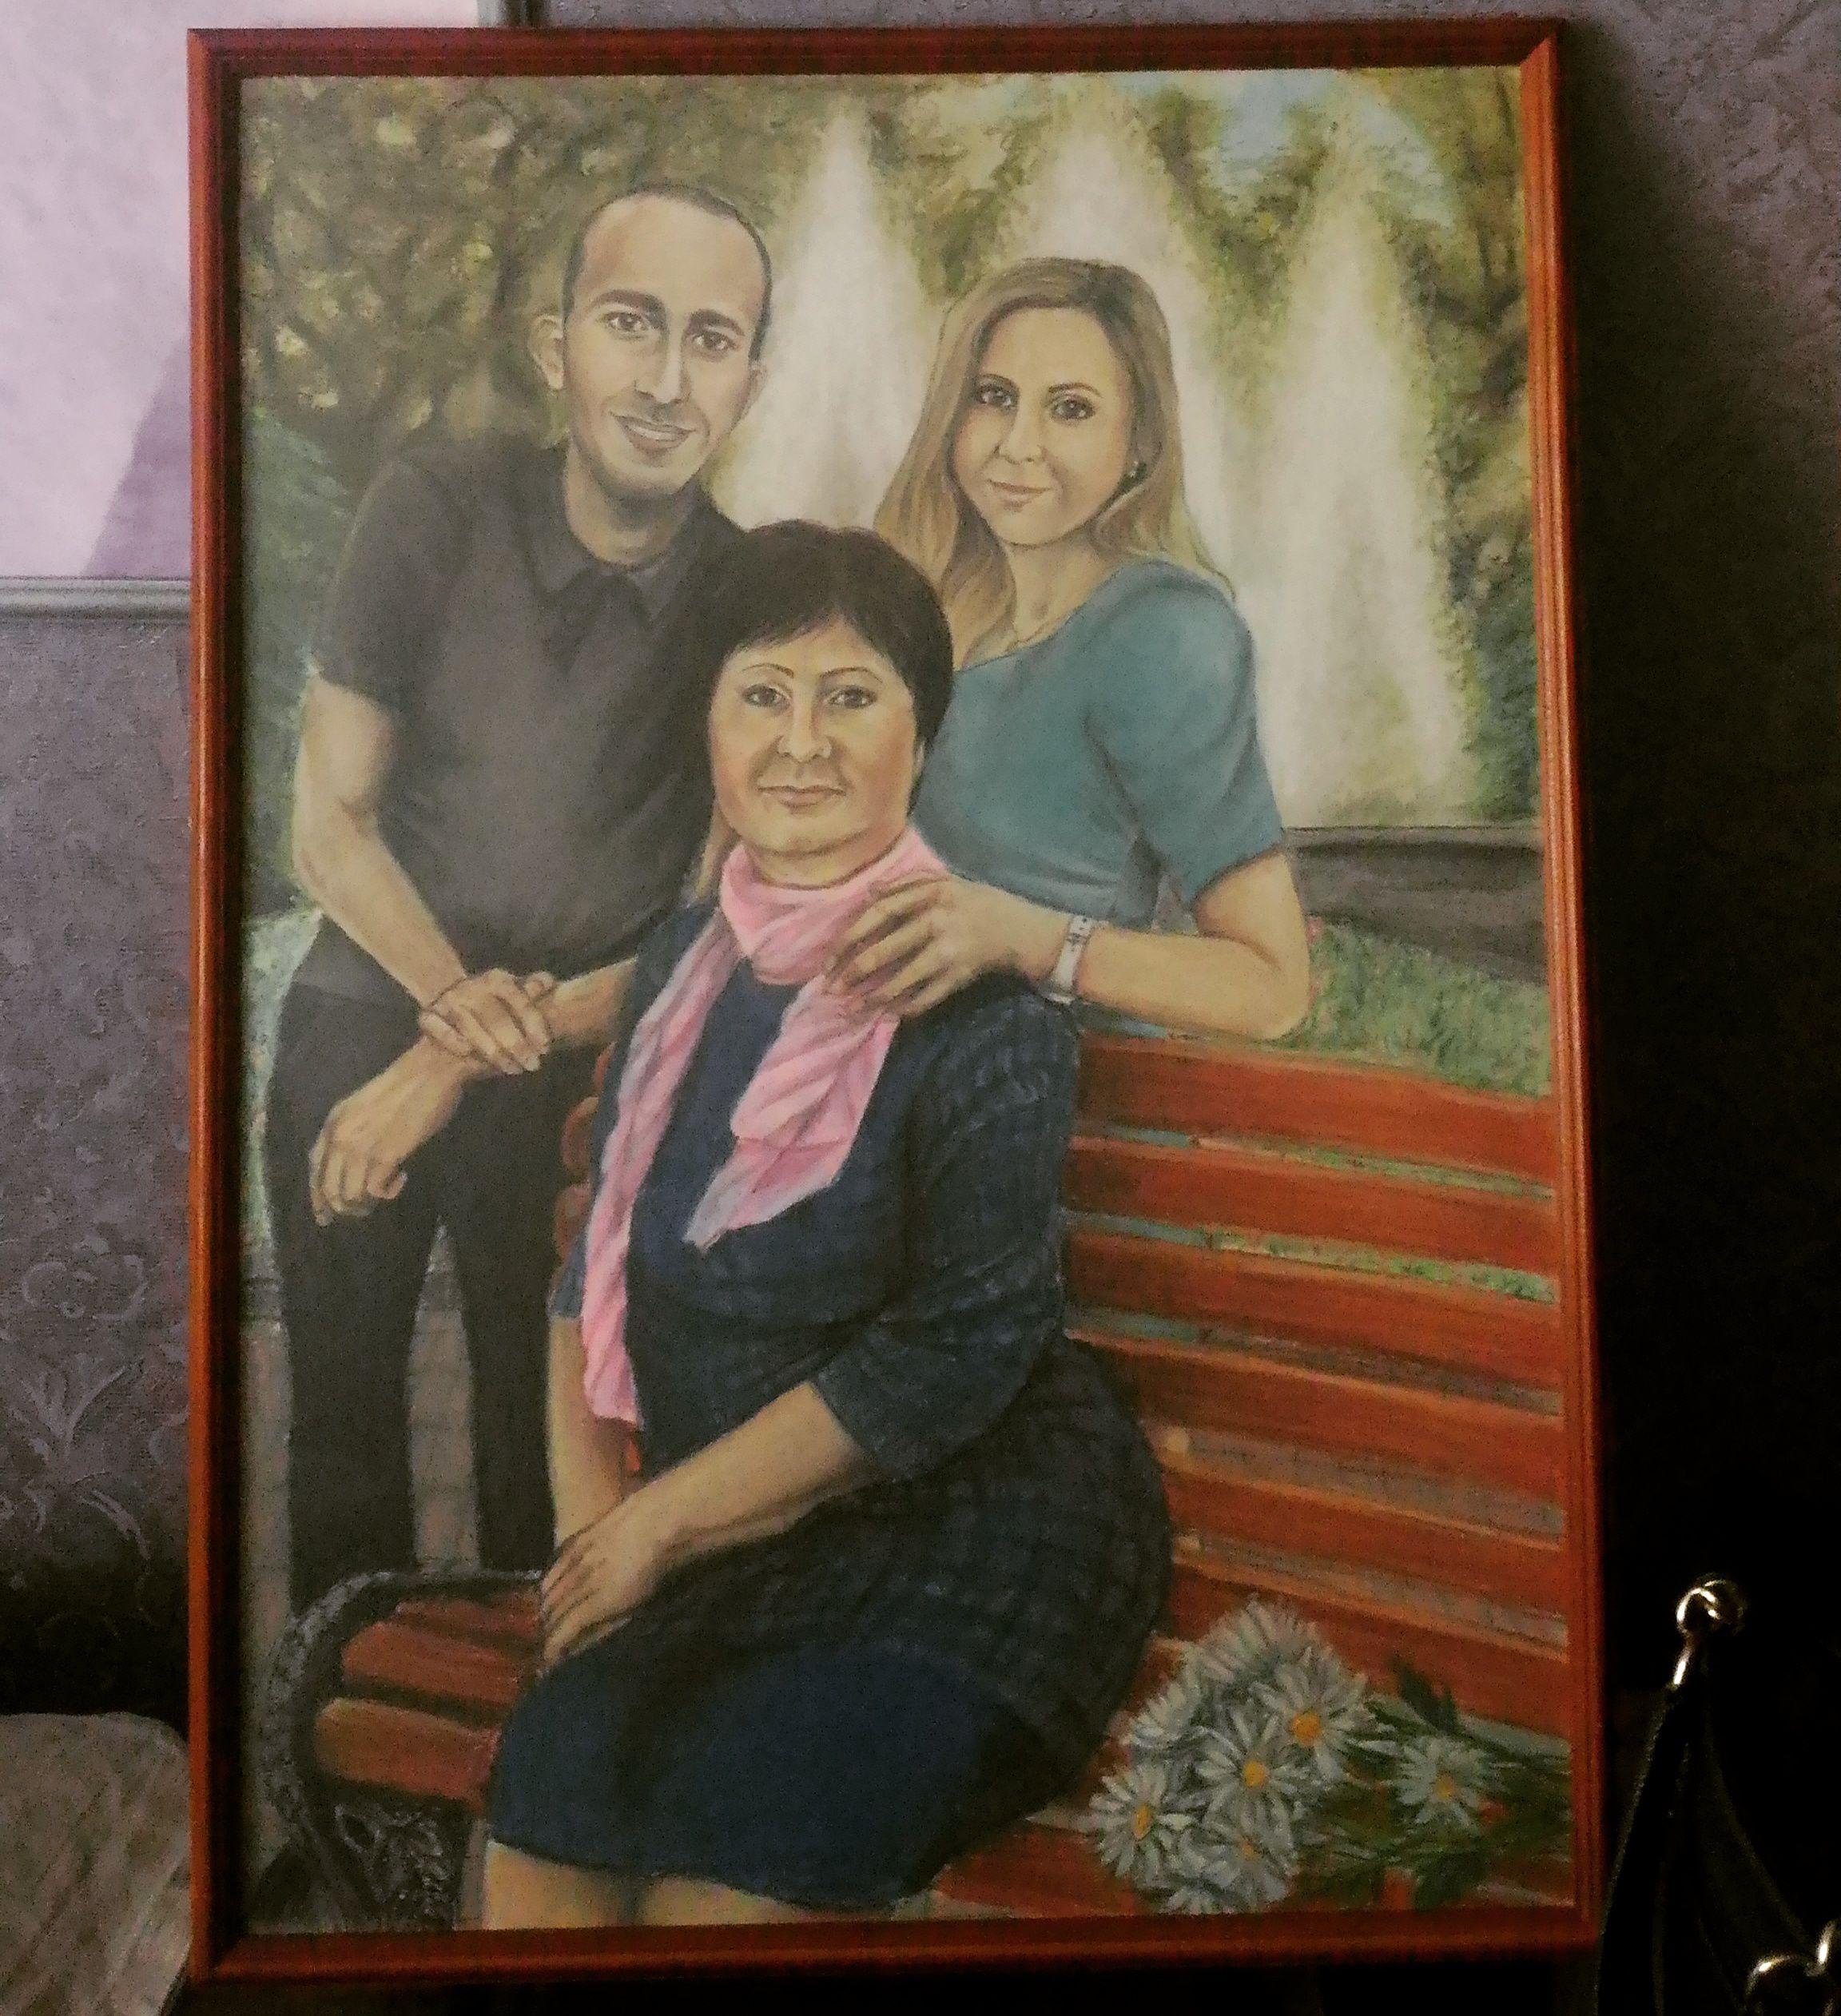 портрет питер спб подарок художник рисунок ручная работа картина чтоподарить